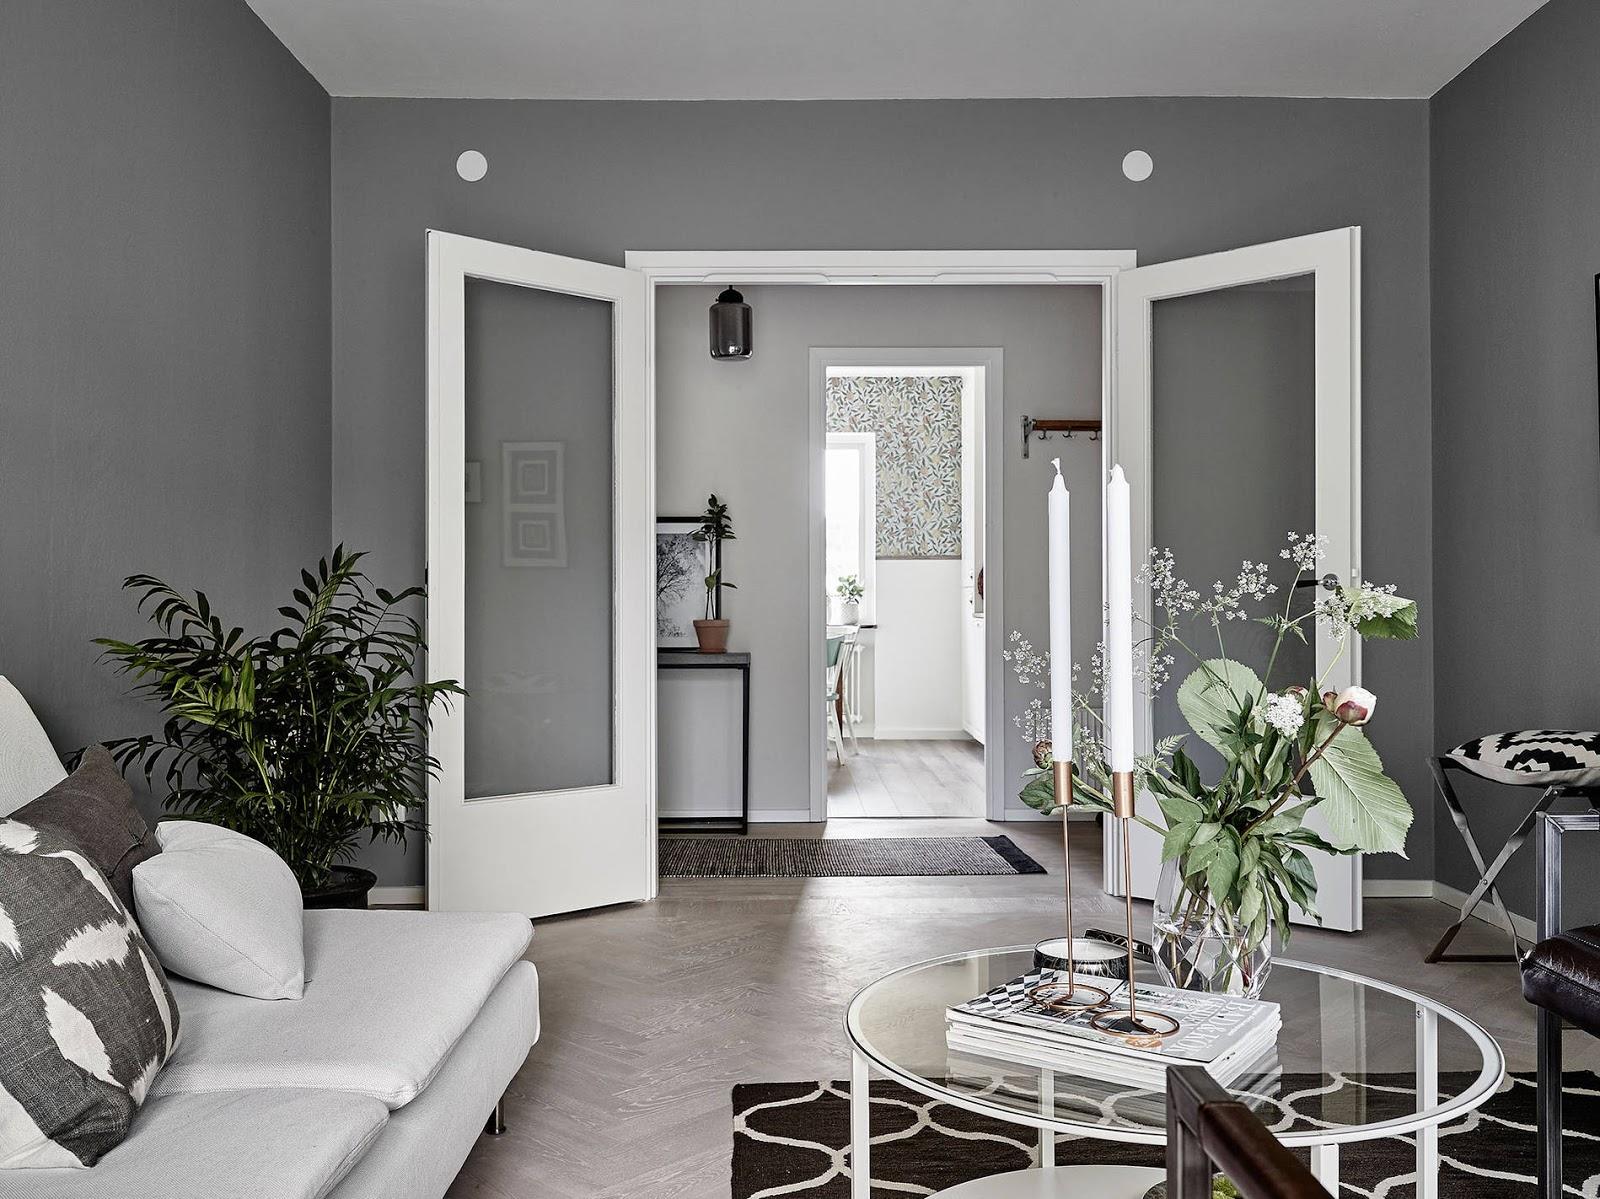 szare ściany, biała sofa w stylu skandynawskim